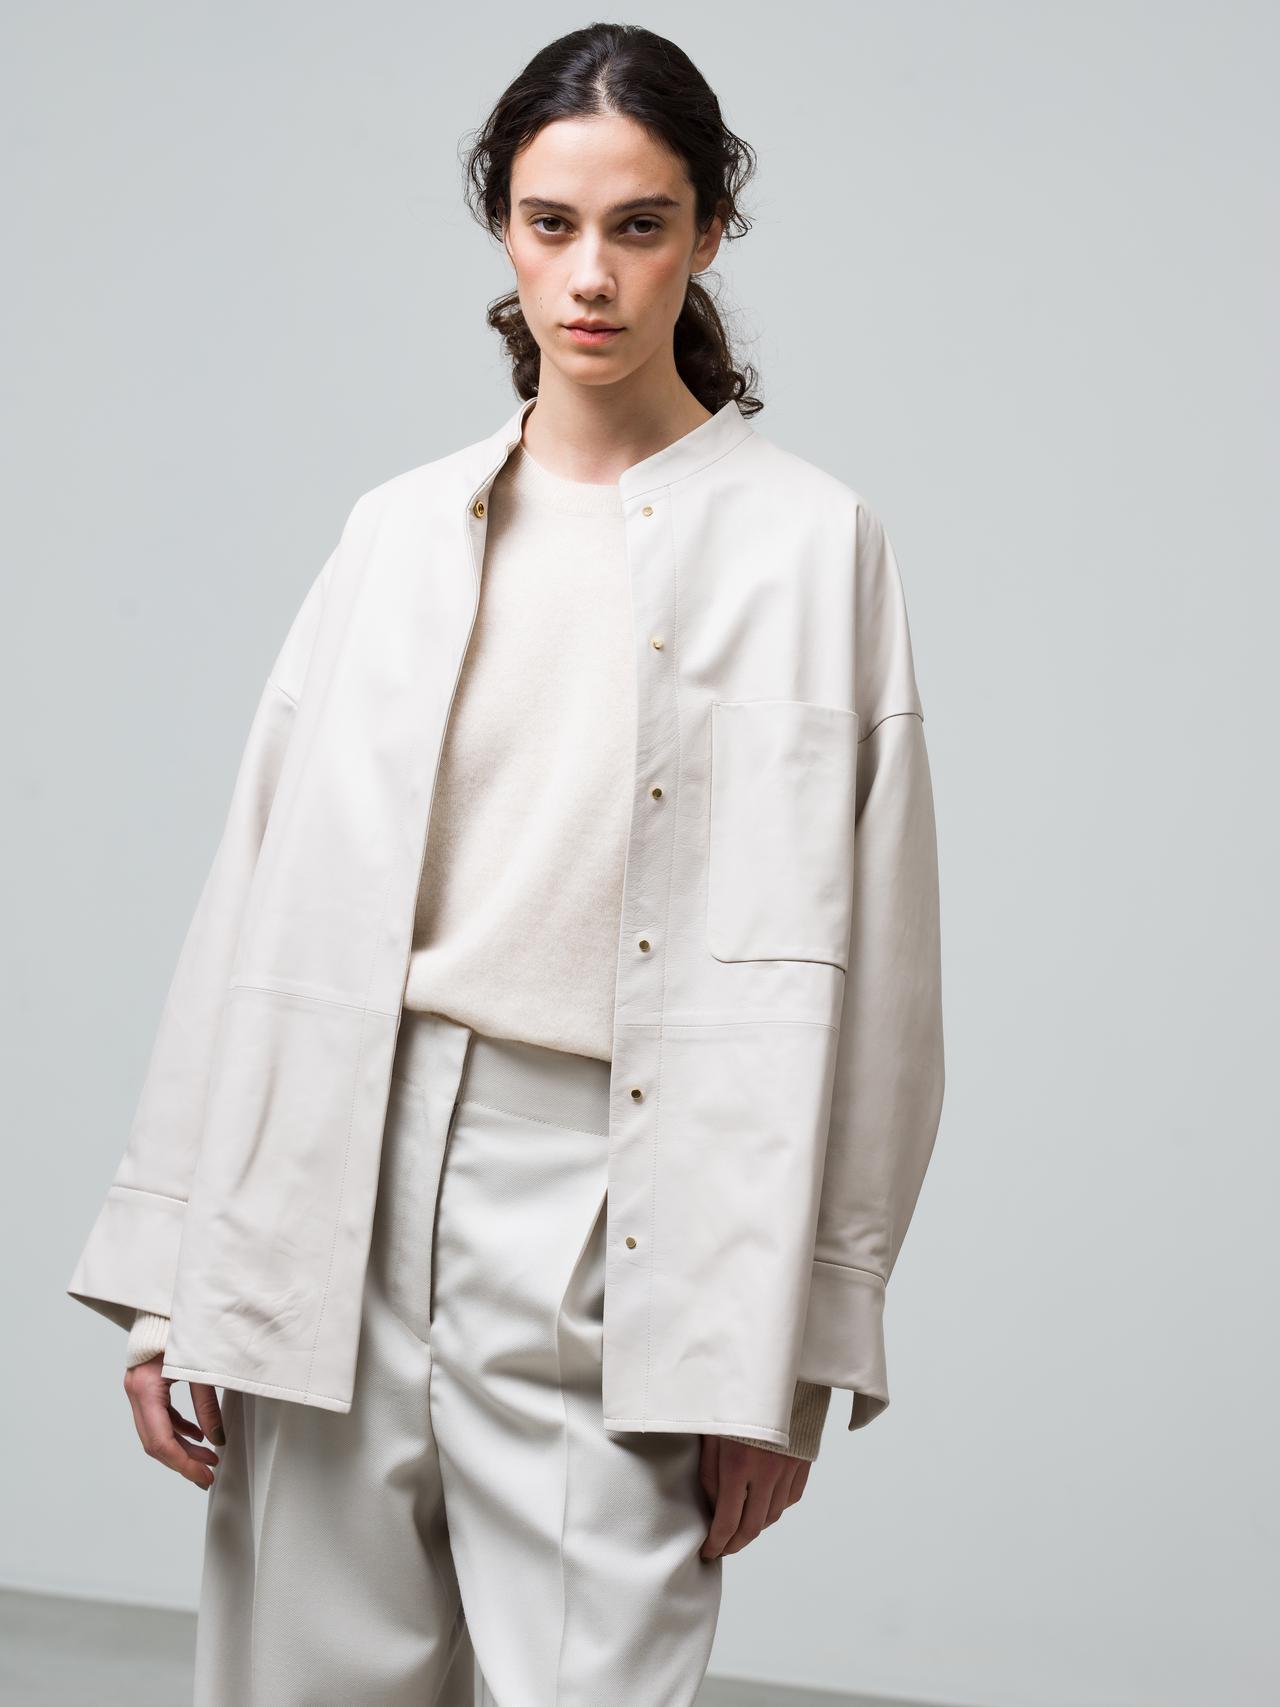 画像: ソフトレザージャケット¥143,000、ハイゲージカシミアニット¥47,300、ウールサキソニーパンツ¥42,900(すべて税込) 出典:fashion trend news